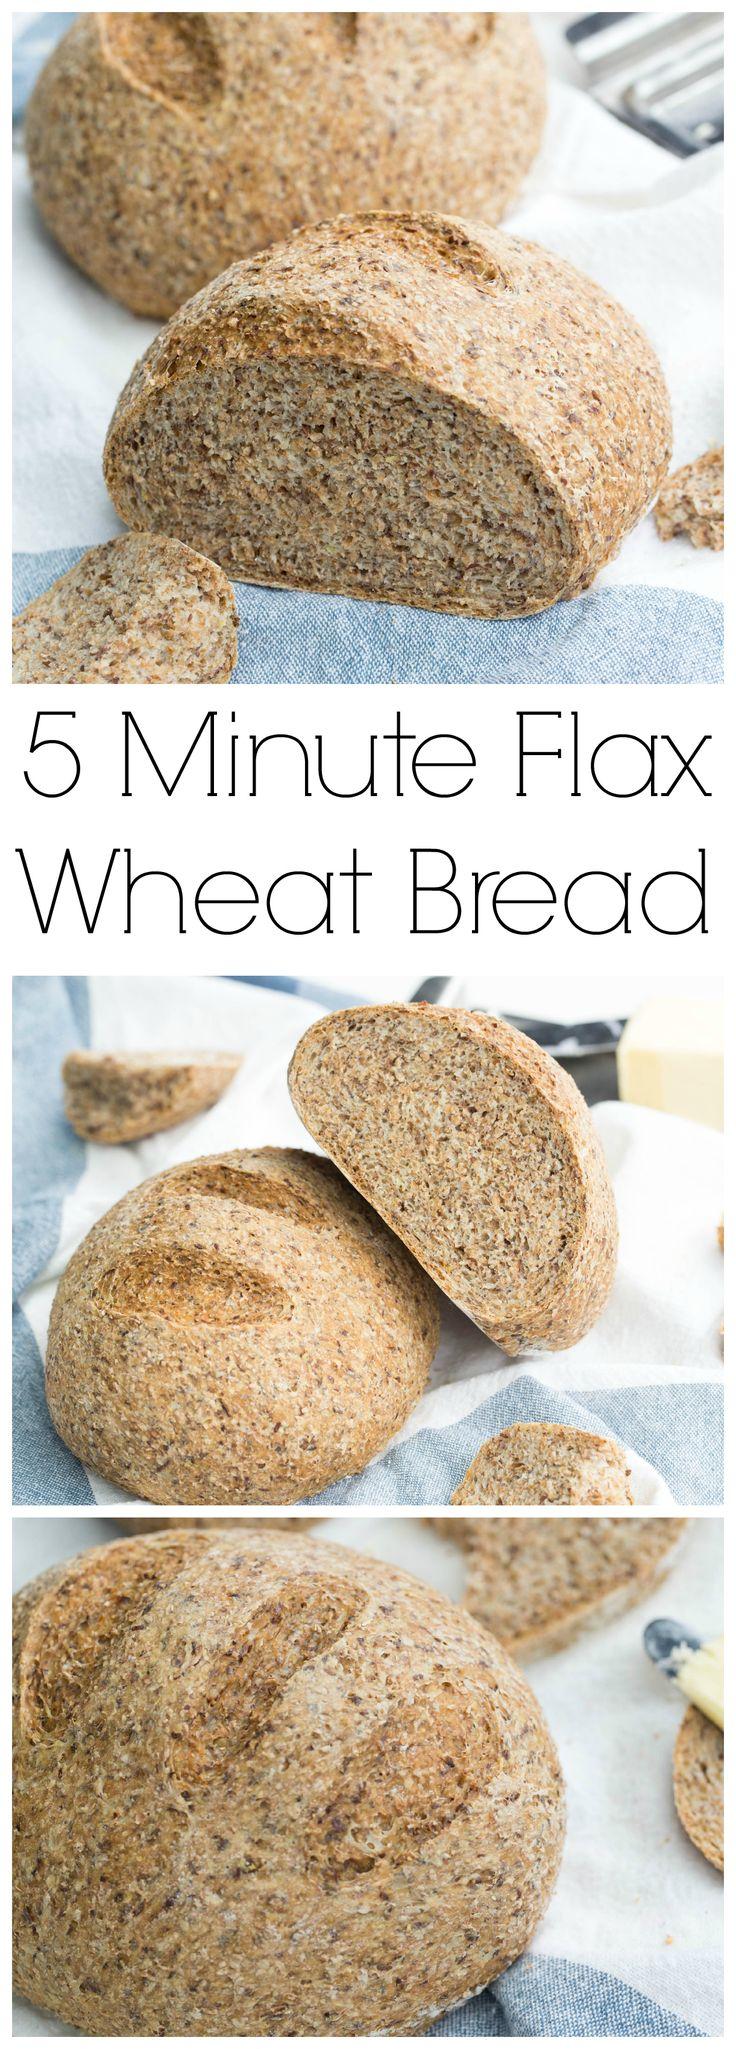 Wenn Sie kein eigenes Brot backen, werden Sie sich selbst beeindrucken. Es ist so einfach und unglaublich, dass Sie Ihr eigenes Brot machen werden. Und nicht nur, Sie werden auch die im Handel gekauften Brotkonservierungsmittel überspringen.